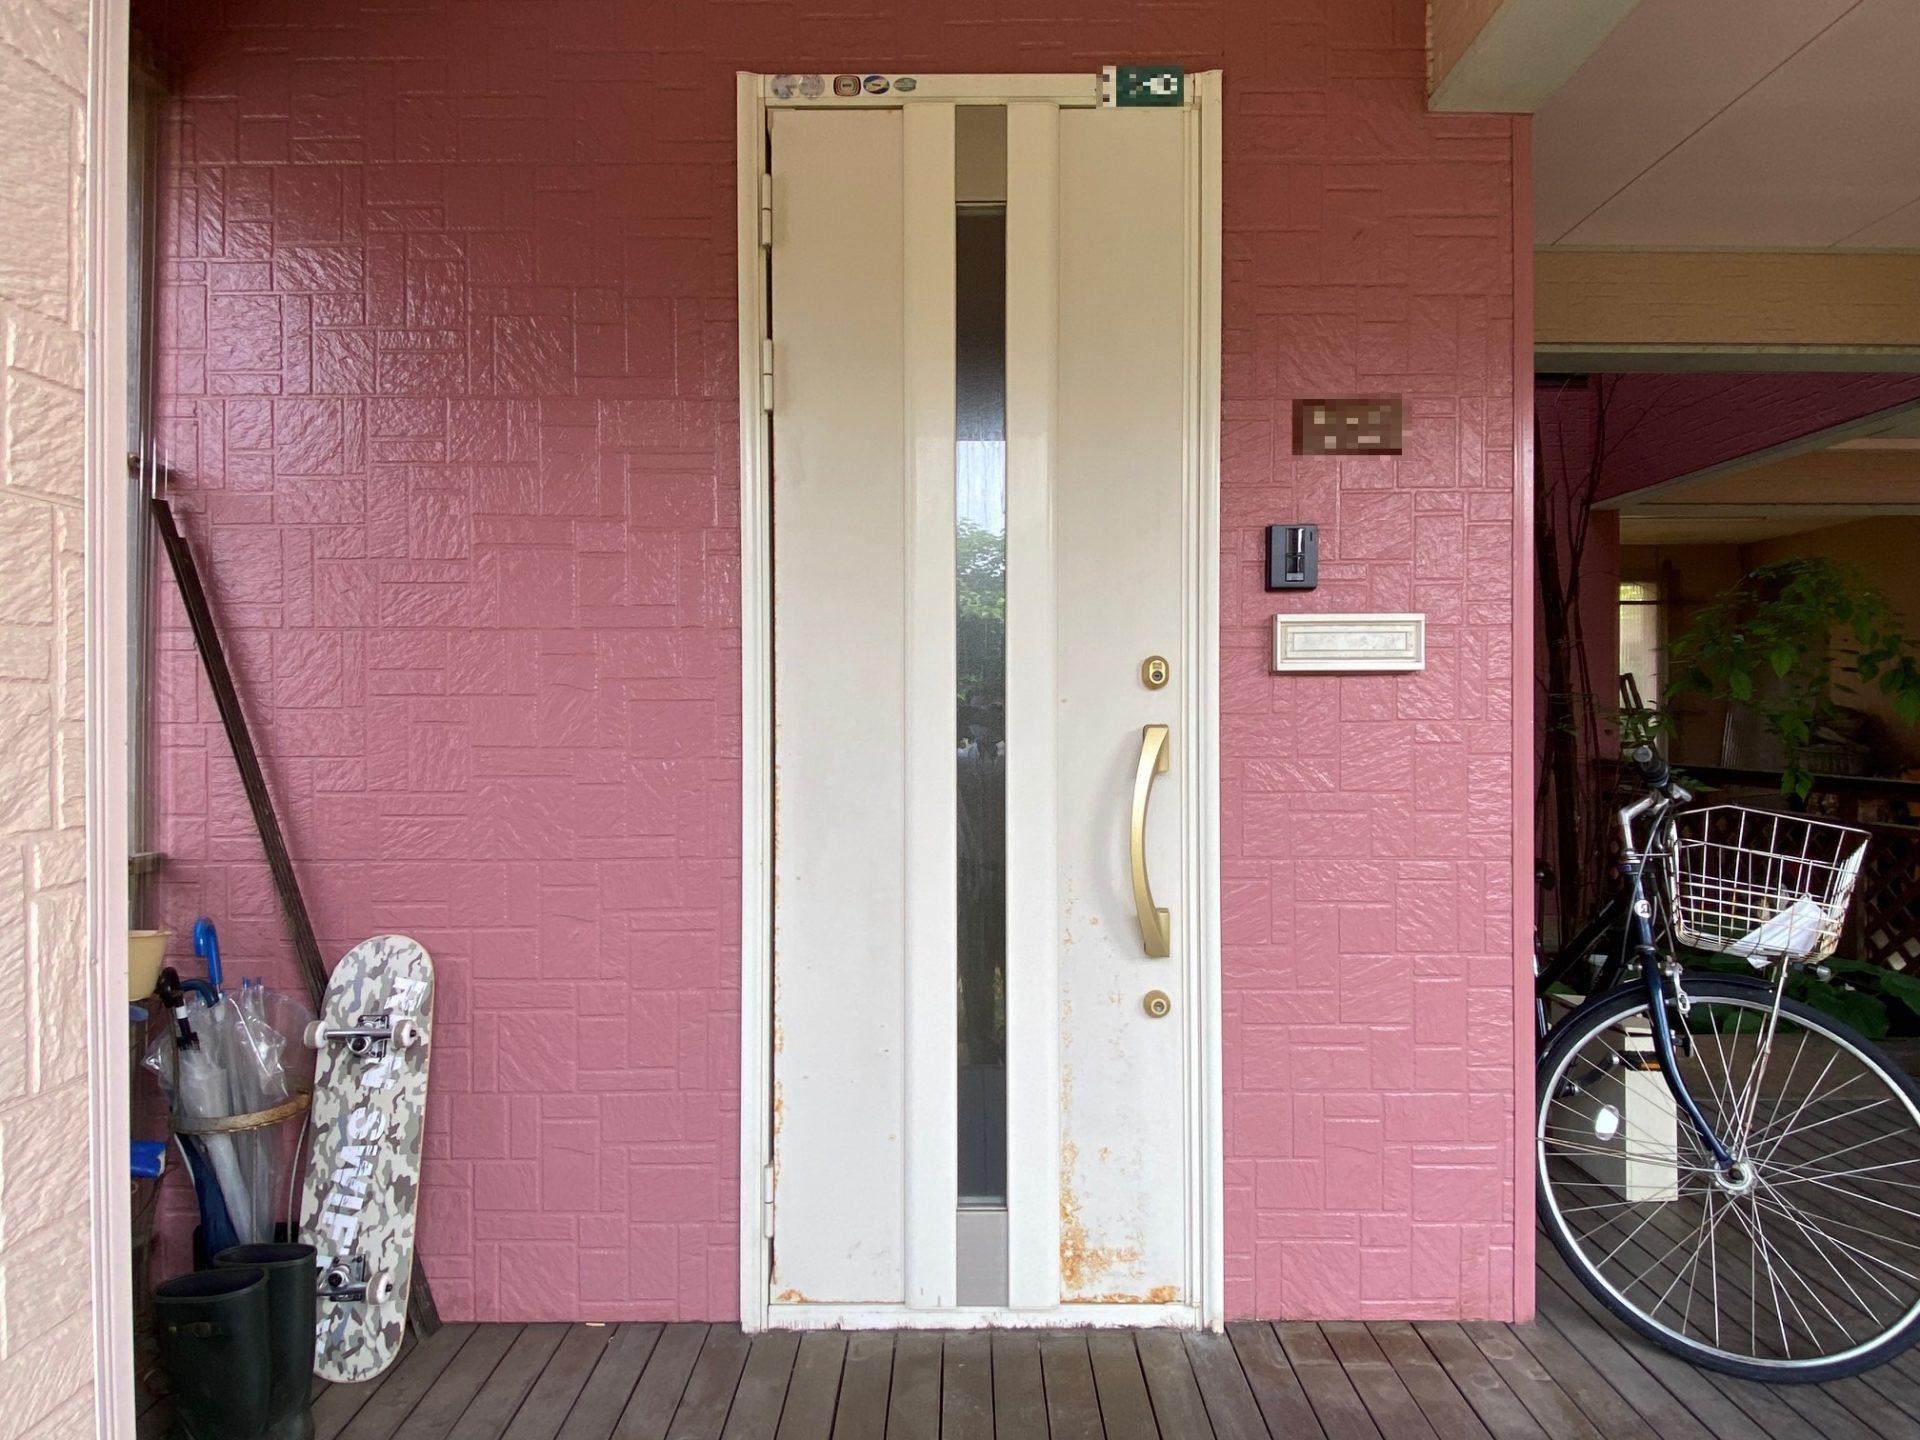 柏崎市 玄関ドア交換工事~ナチュラルな板張りデザイン♪